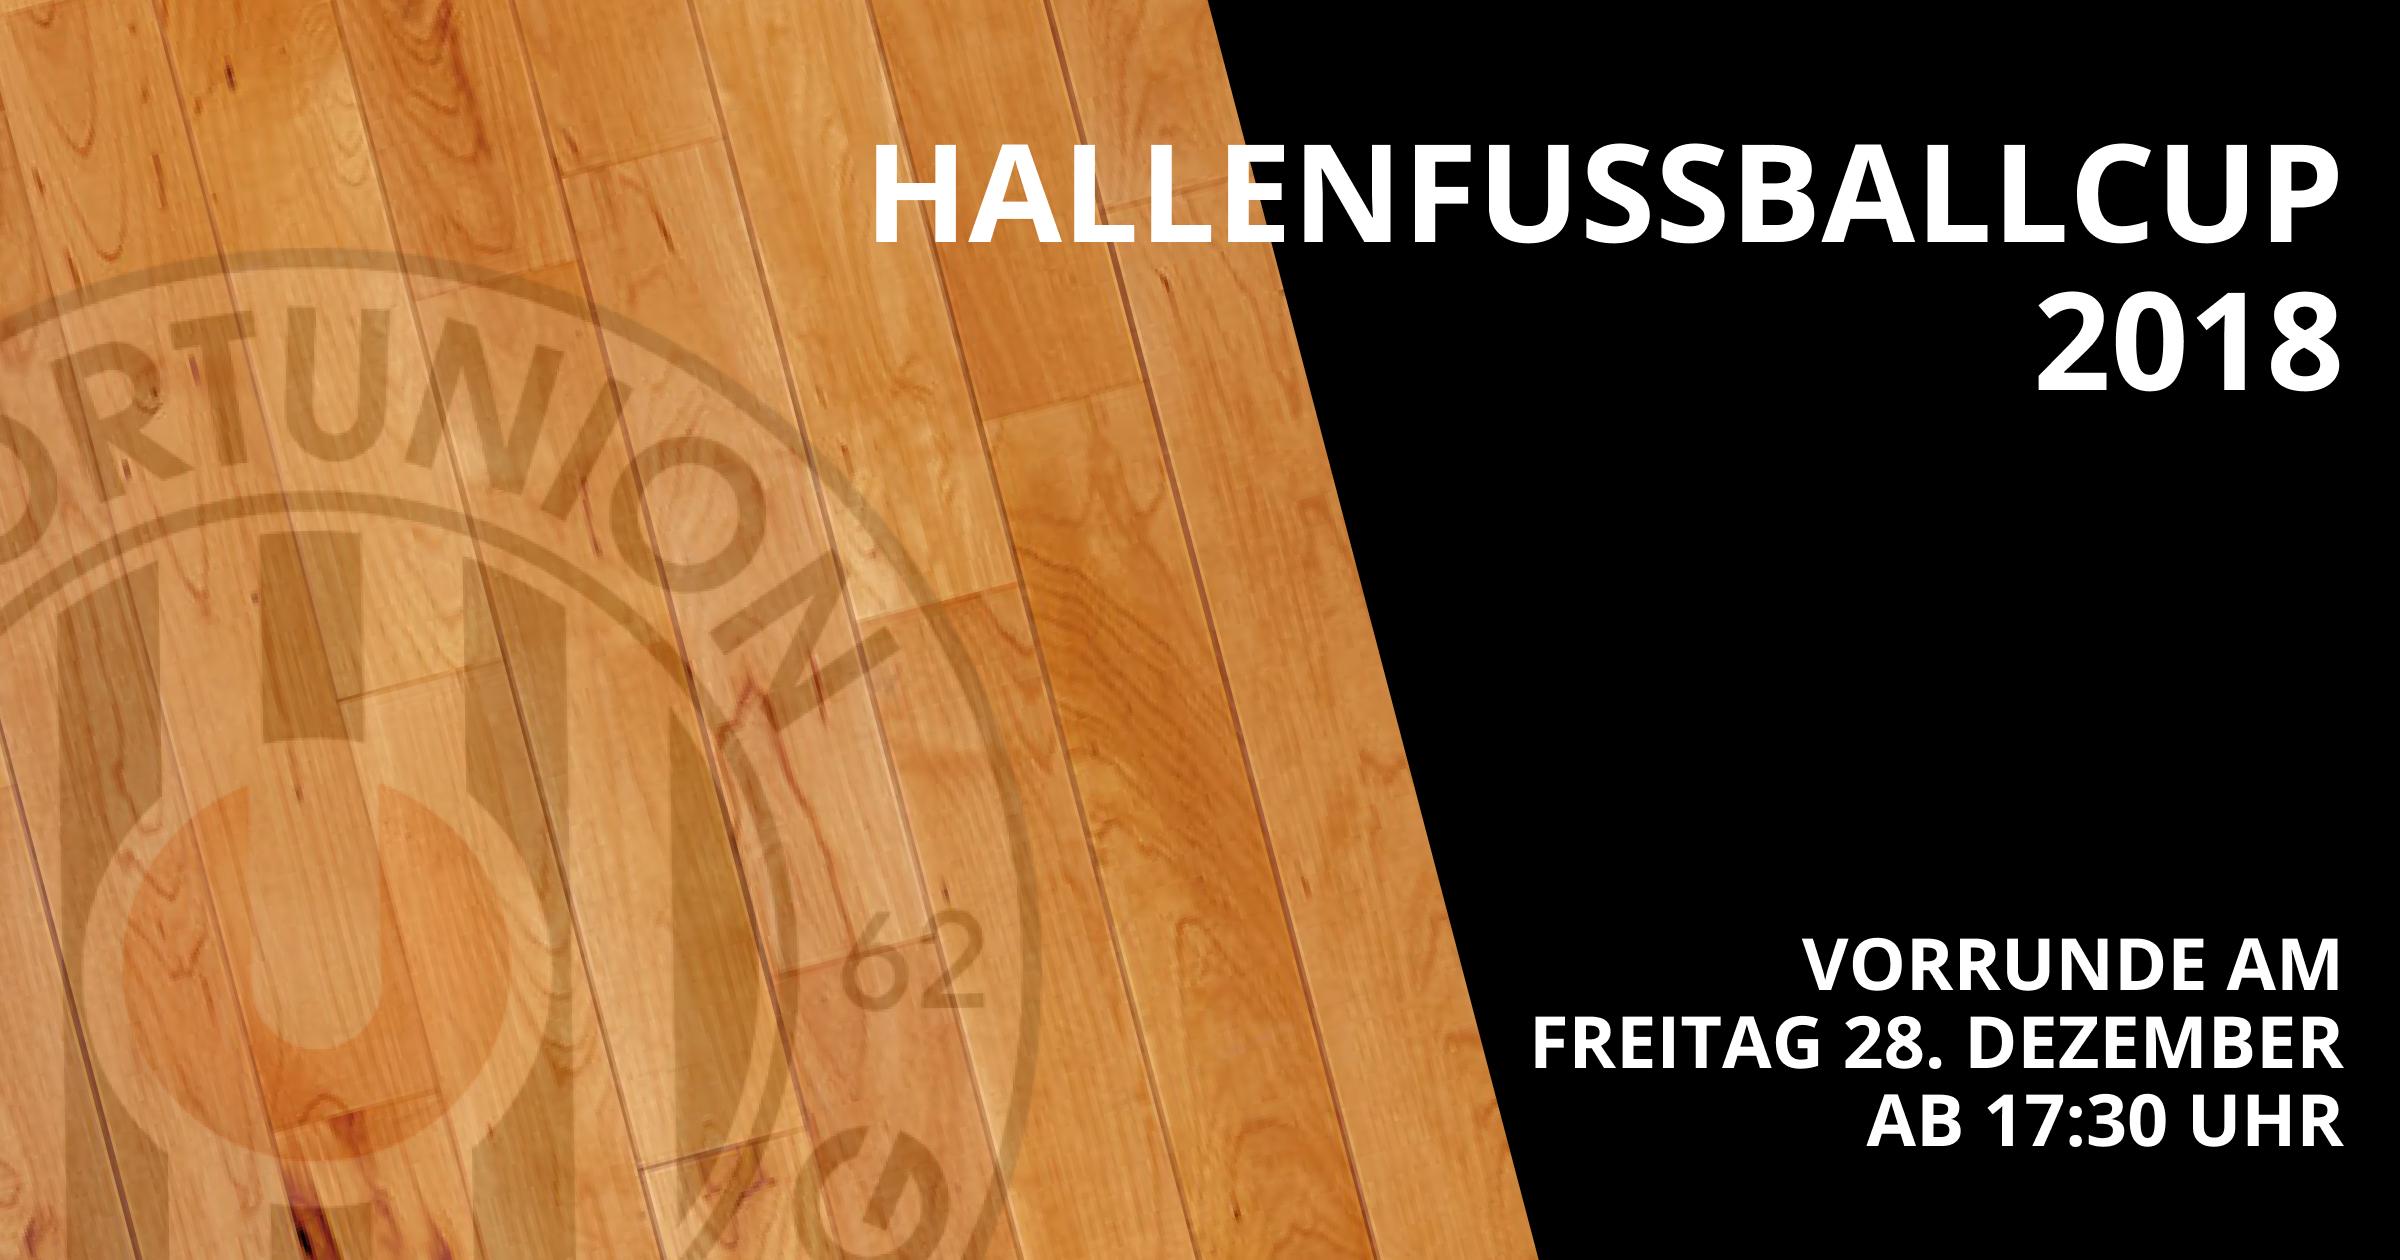 Hallenfußballcup 2018 am Freitag 28.12.